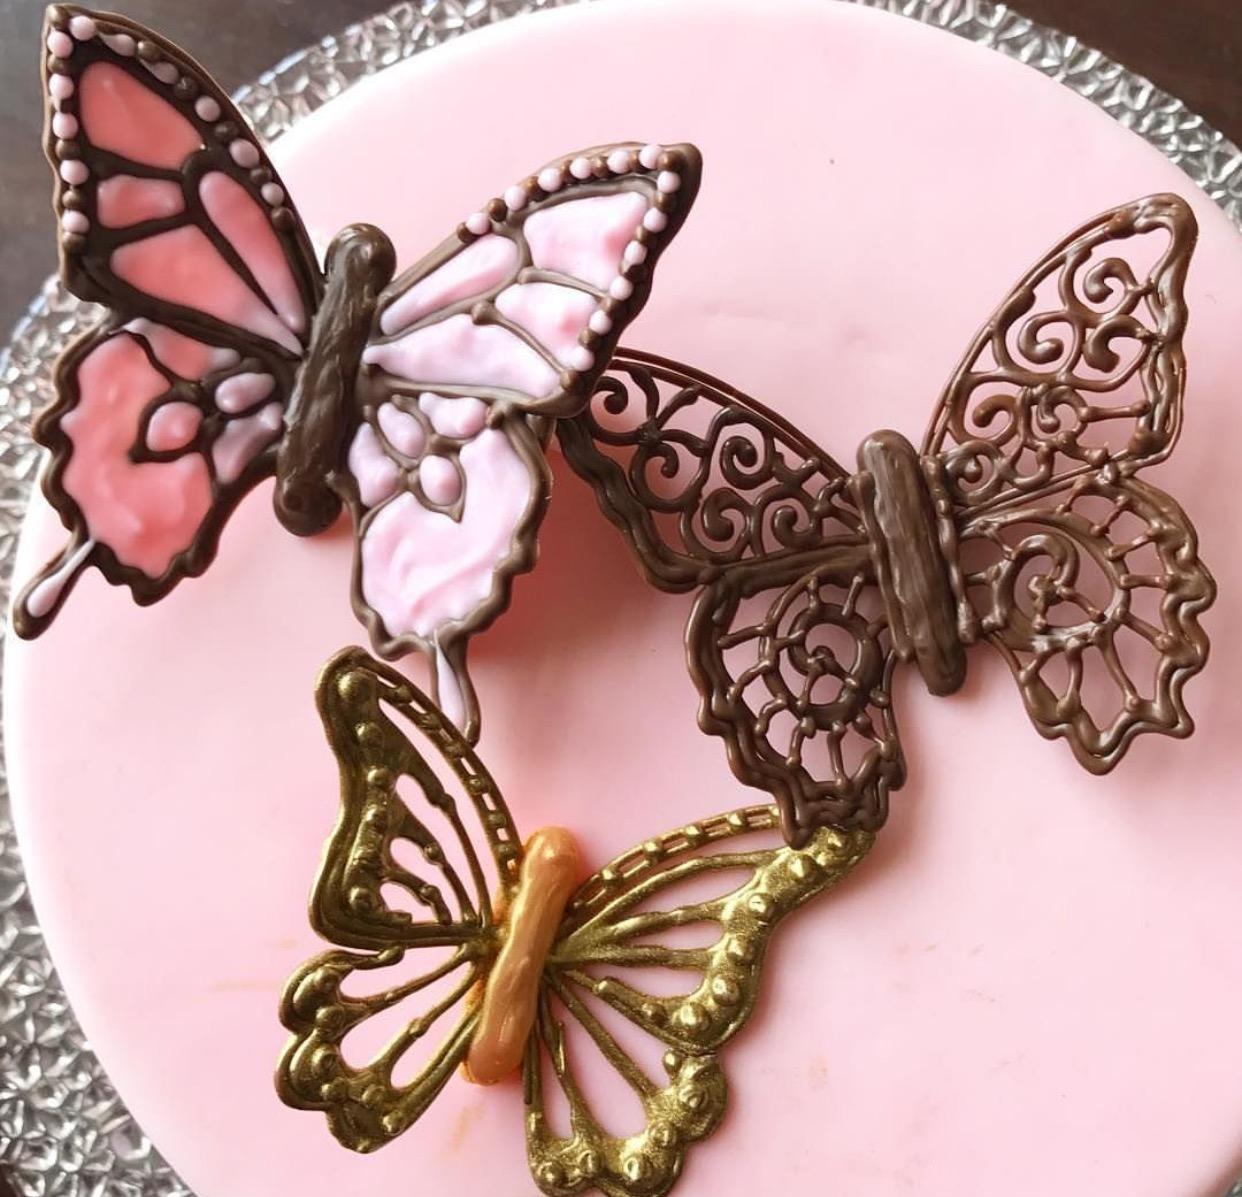 Çikolatadan Kelebekler